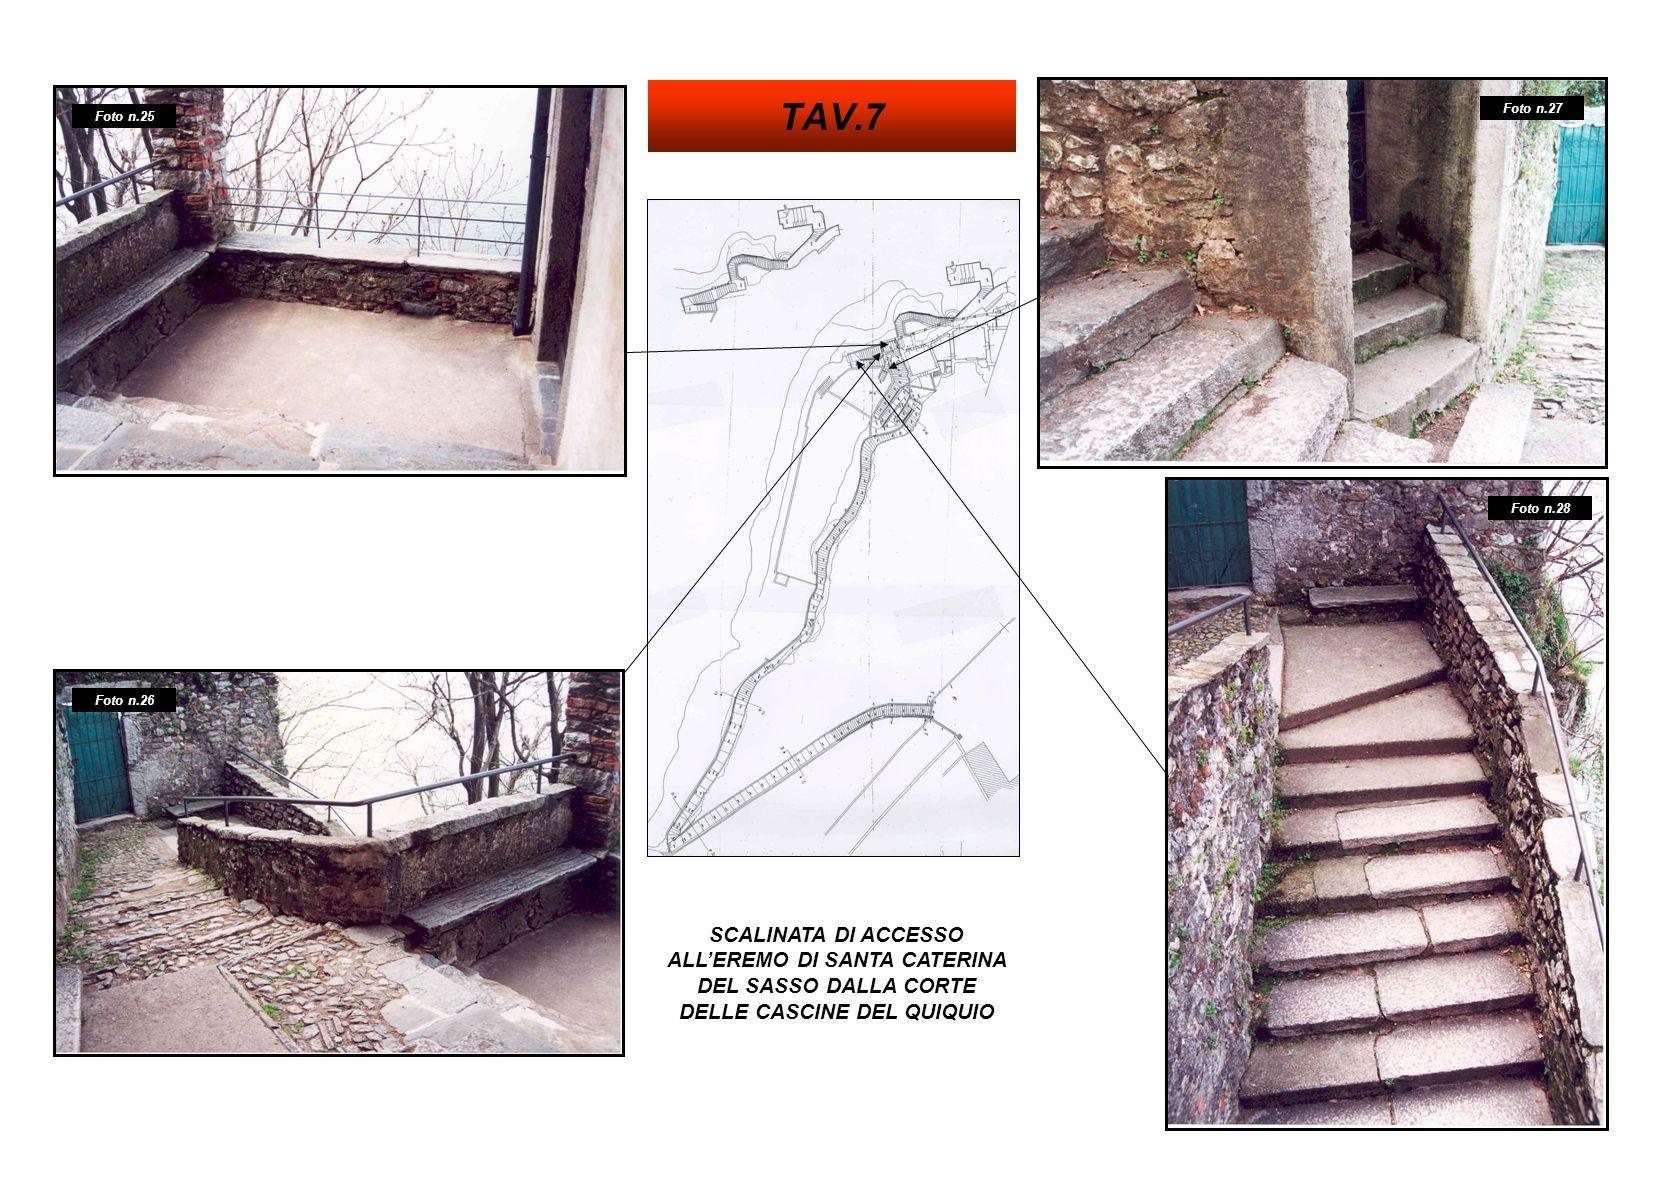 SCALINATA DI ACCESSO ALLEREMO DI SANTA CATERINA DEL SASSO DALLA CORTE DELLE CASCINE DEL QUIQUIO Foto n.25 Foto n.28 Foto n.26 Foto n.27 TAV.7